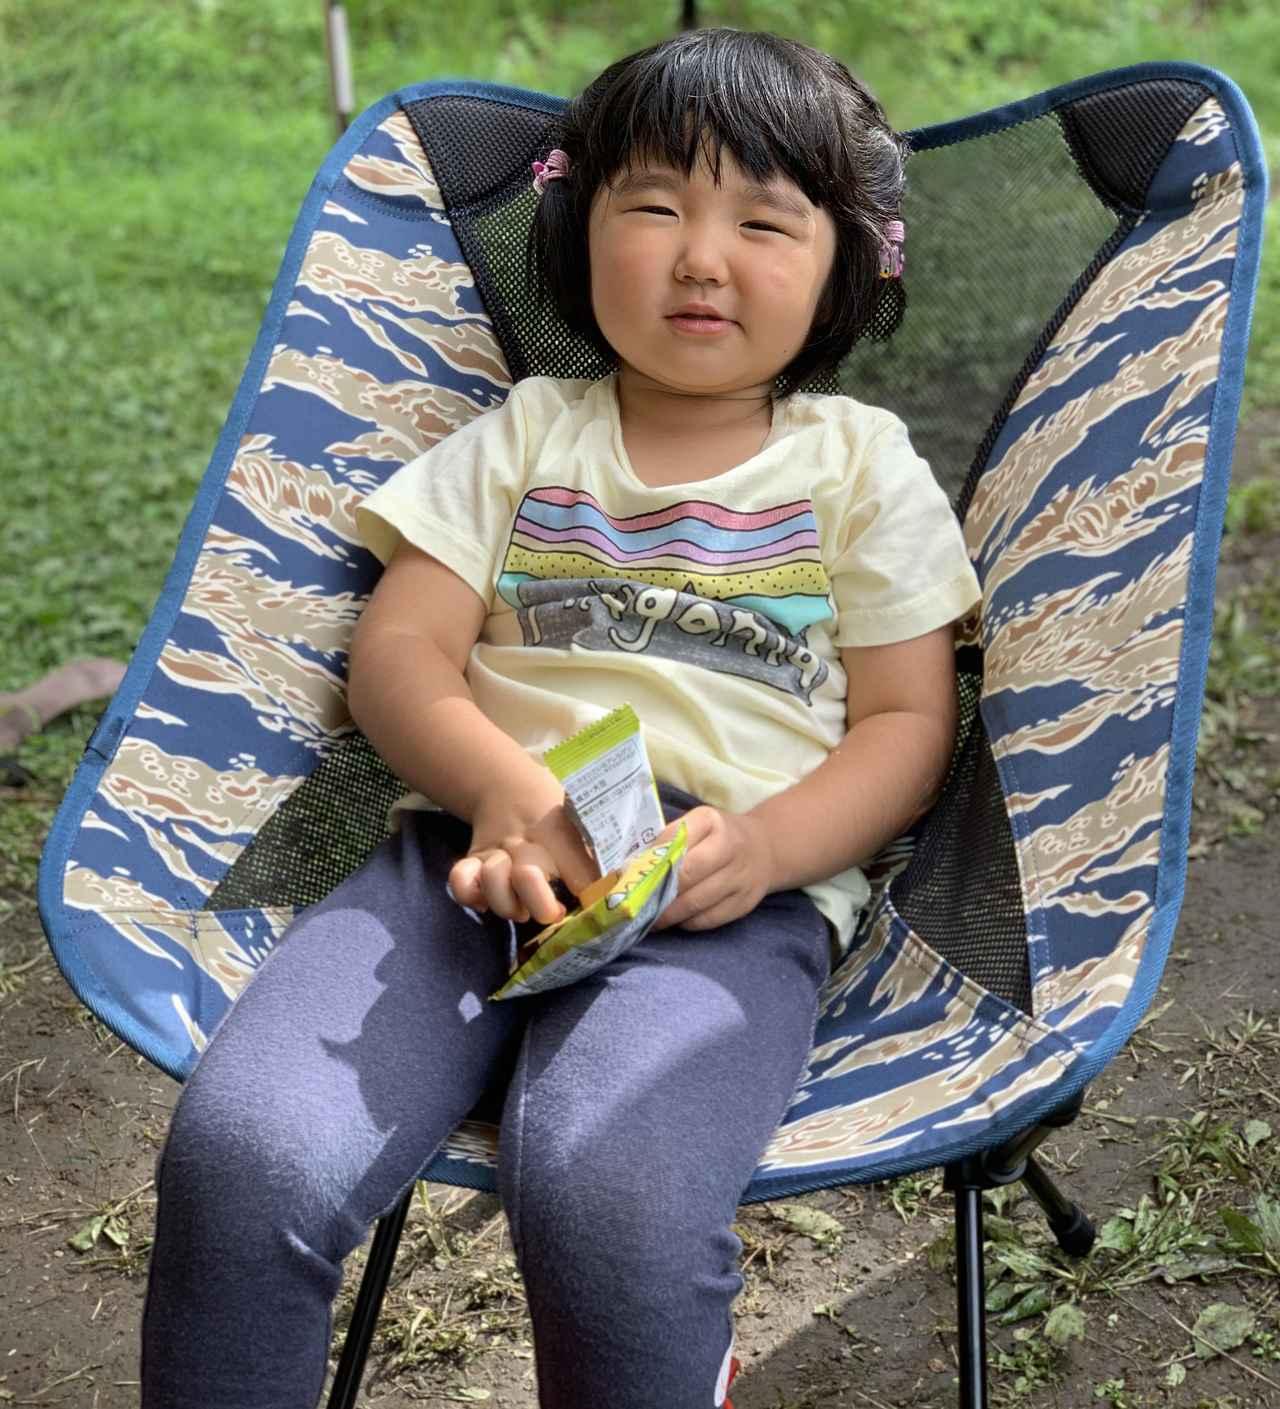 画像: 編集部撮影(子供・身長 98cm) チェアワンカモ